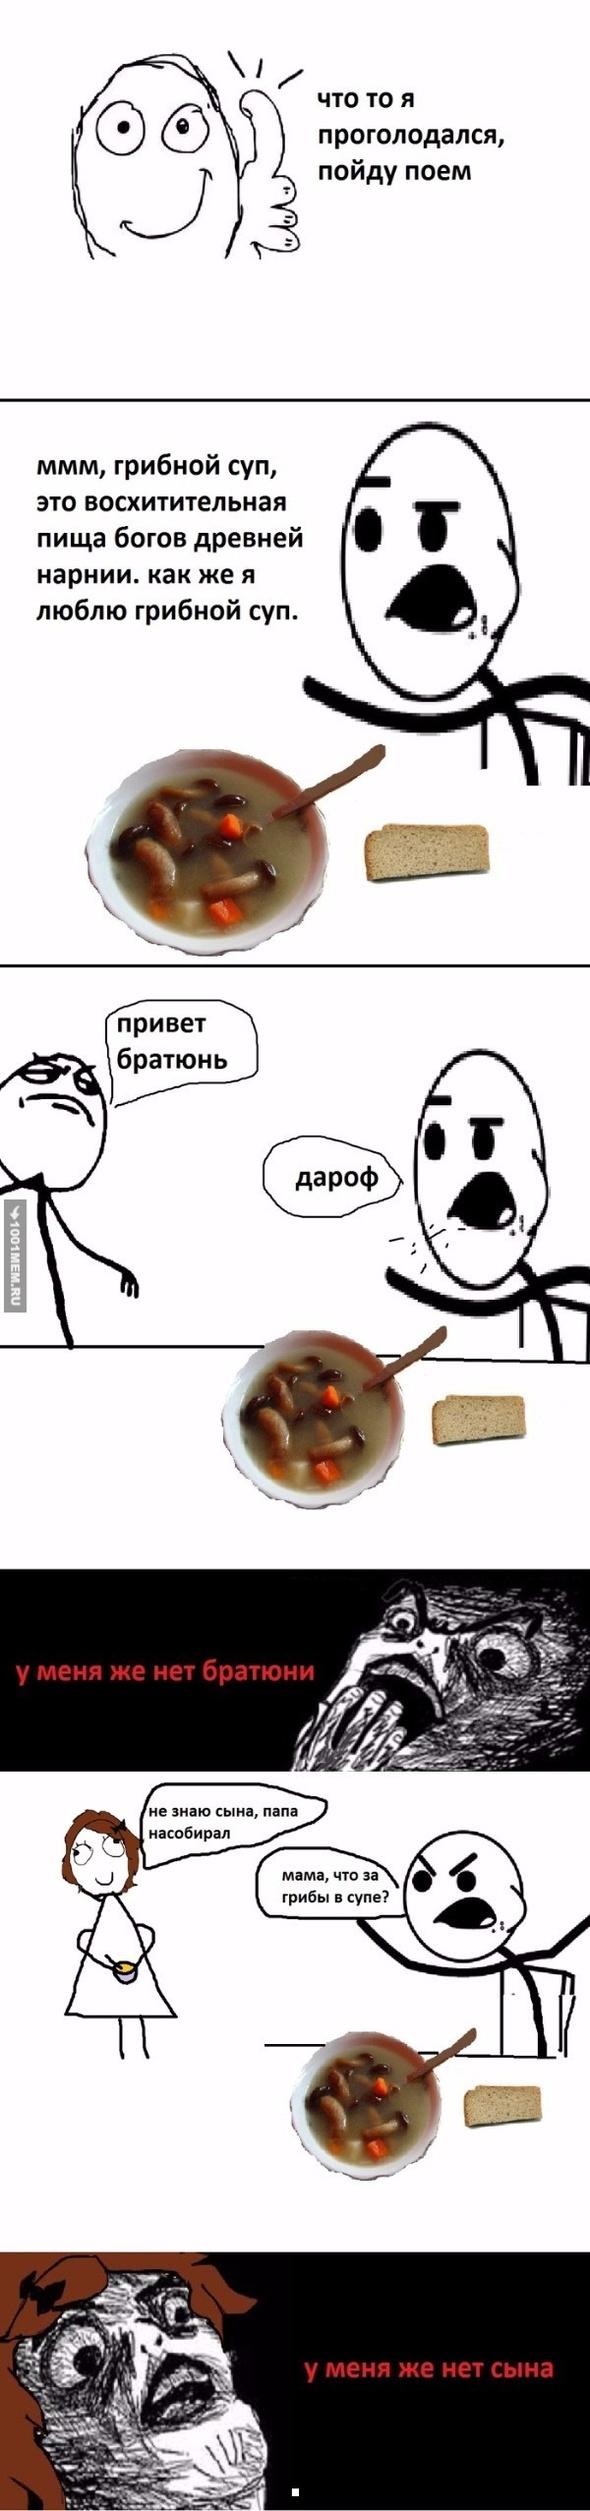 Грибной супчик